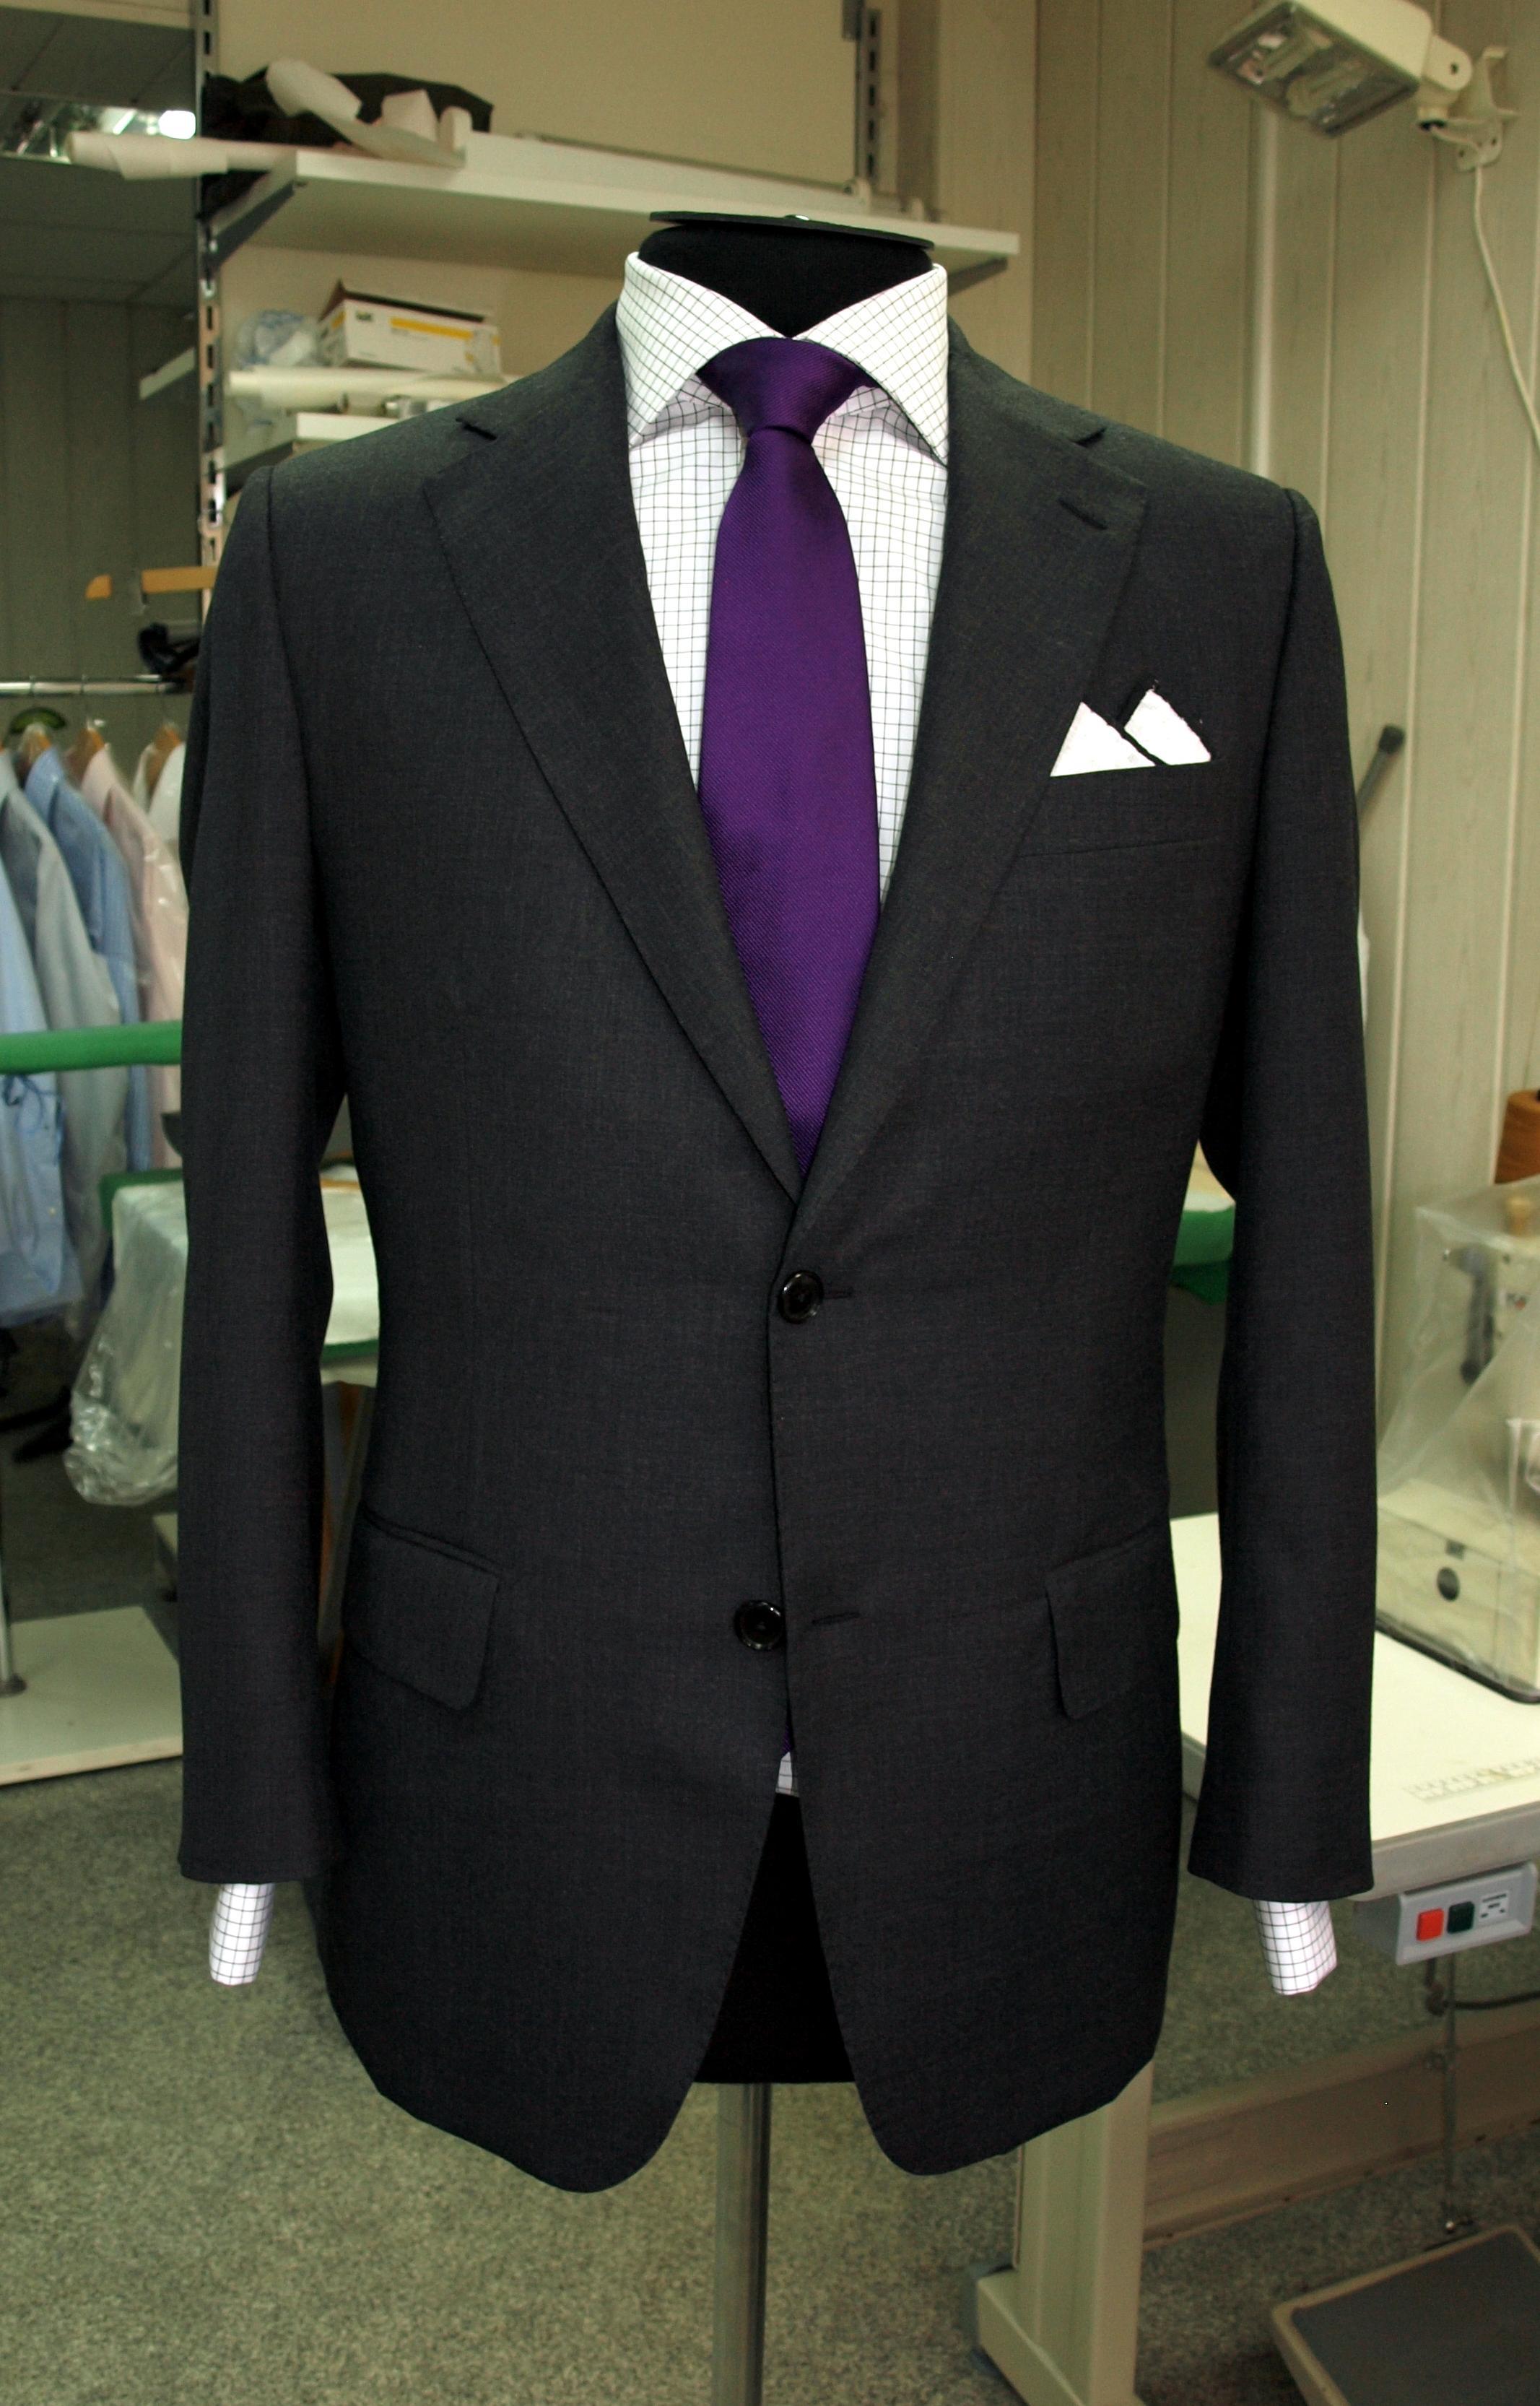 Пошив мужских костюмов на заказ. Где пошить и сколько он стоит?